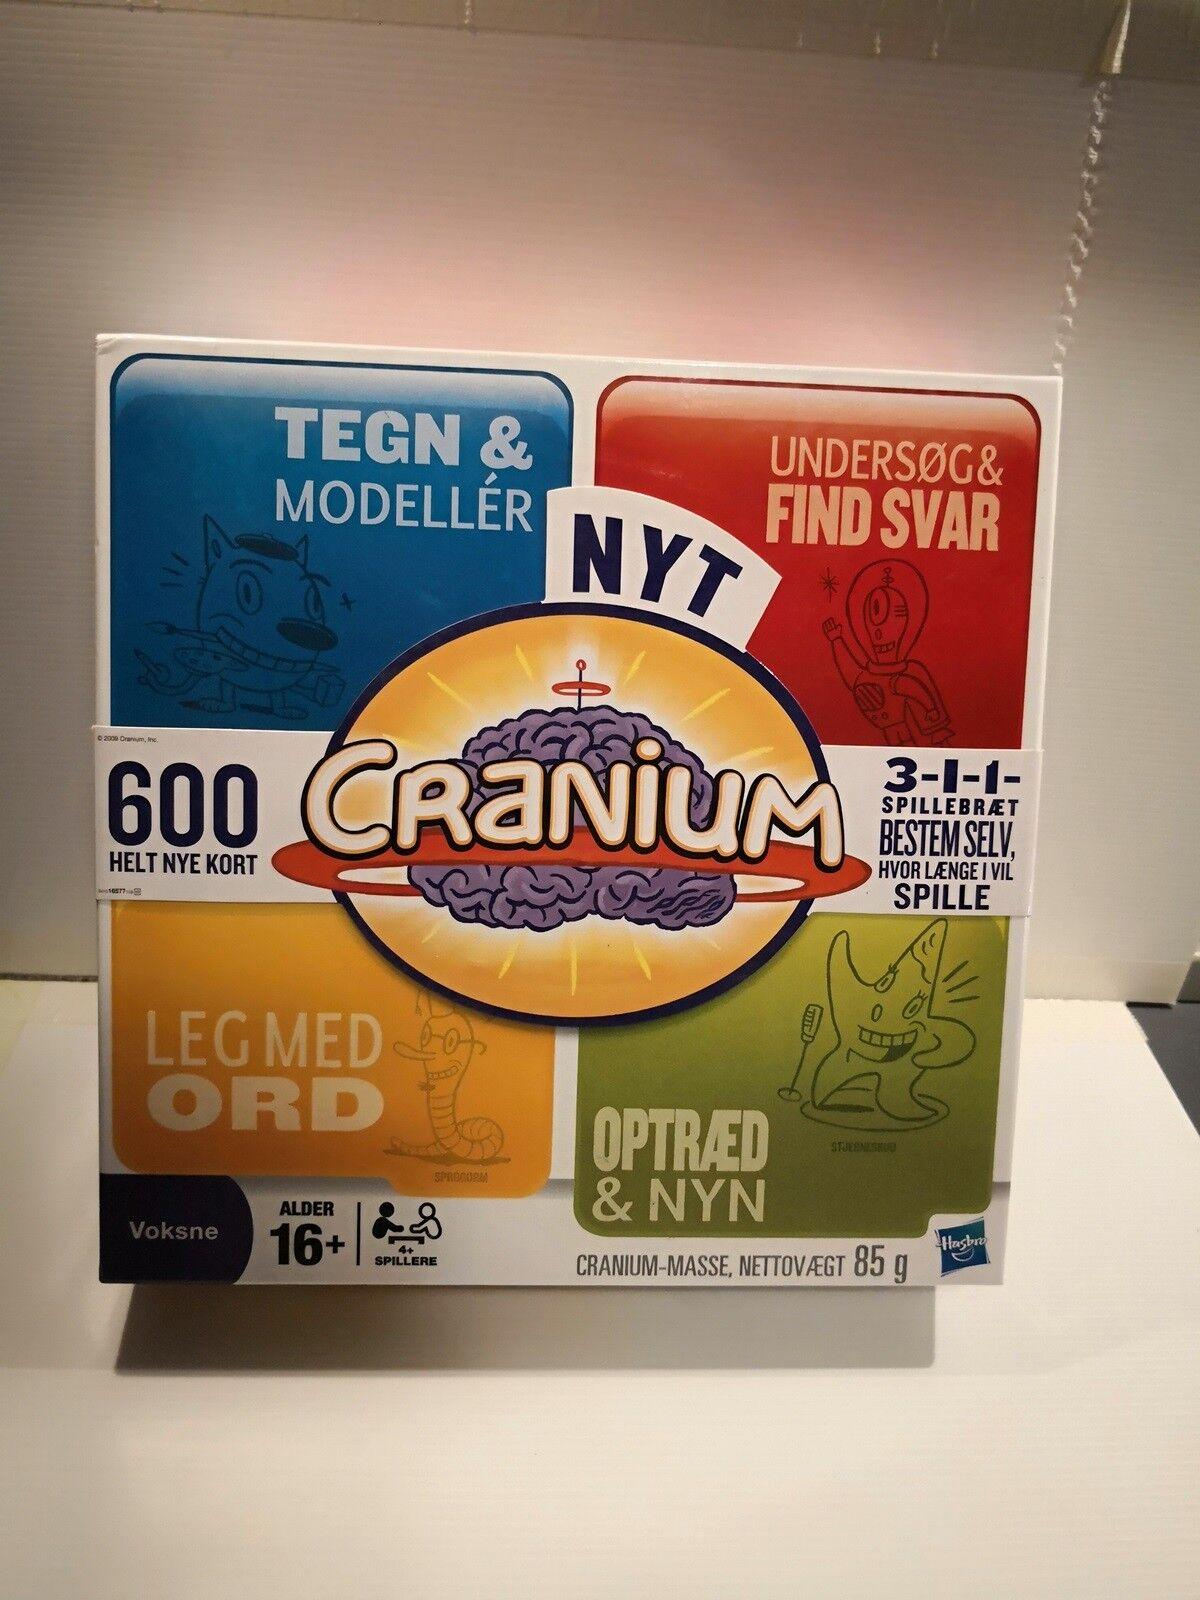 Cranium Med 600 Ny Kort Fra 2011 Dba Dk Kob Og Salg Af Nyt Og